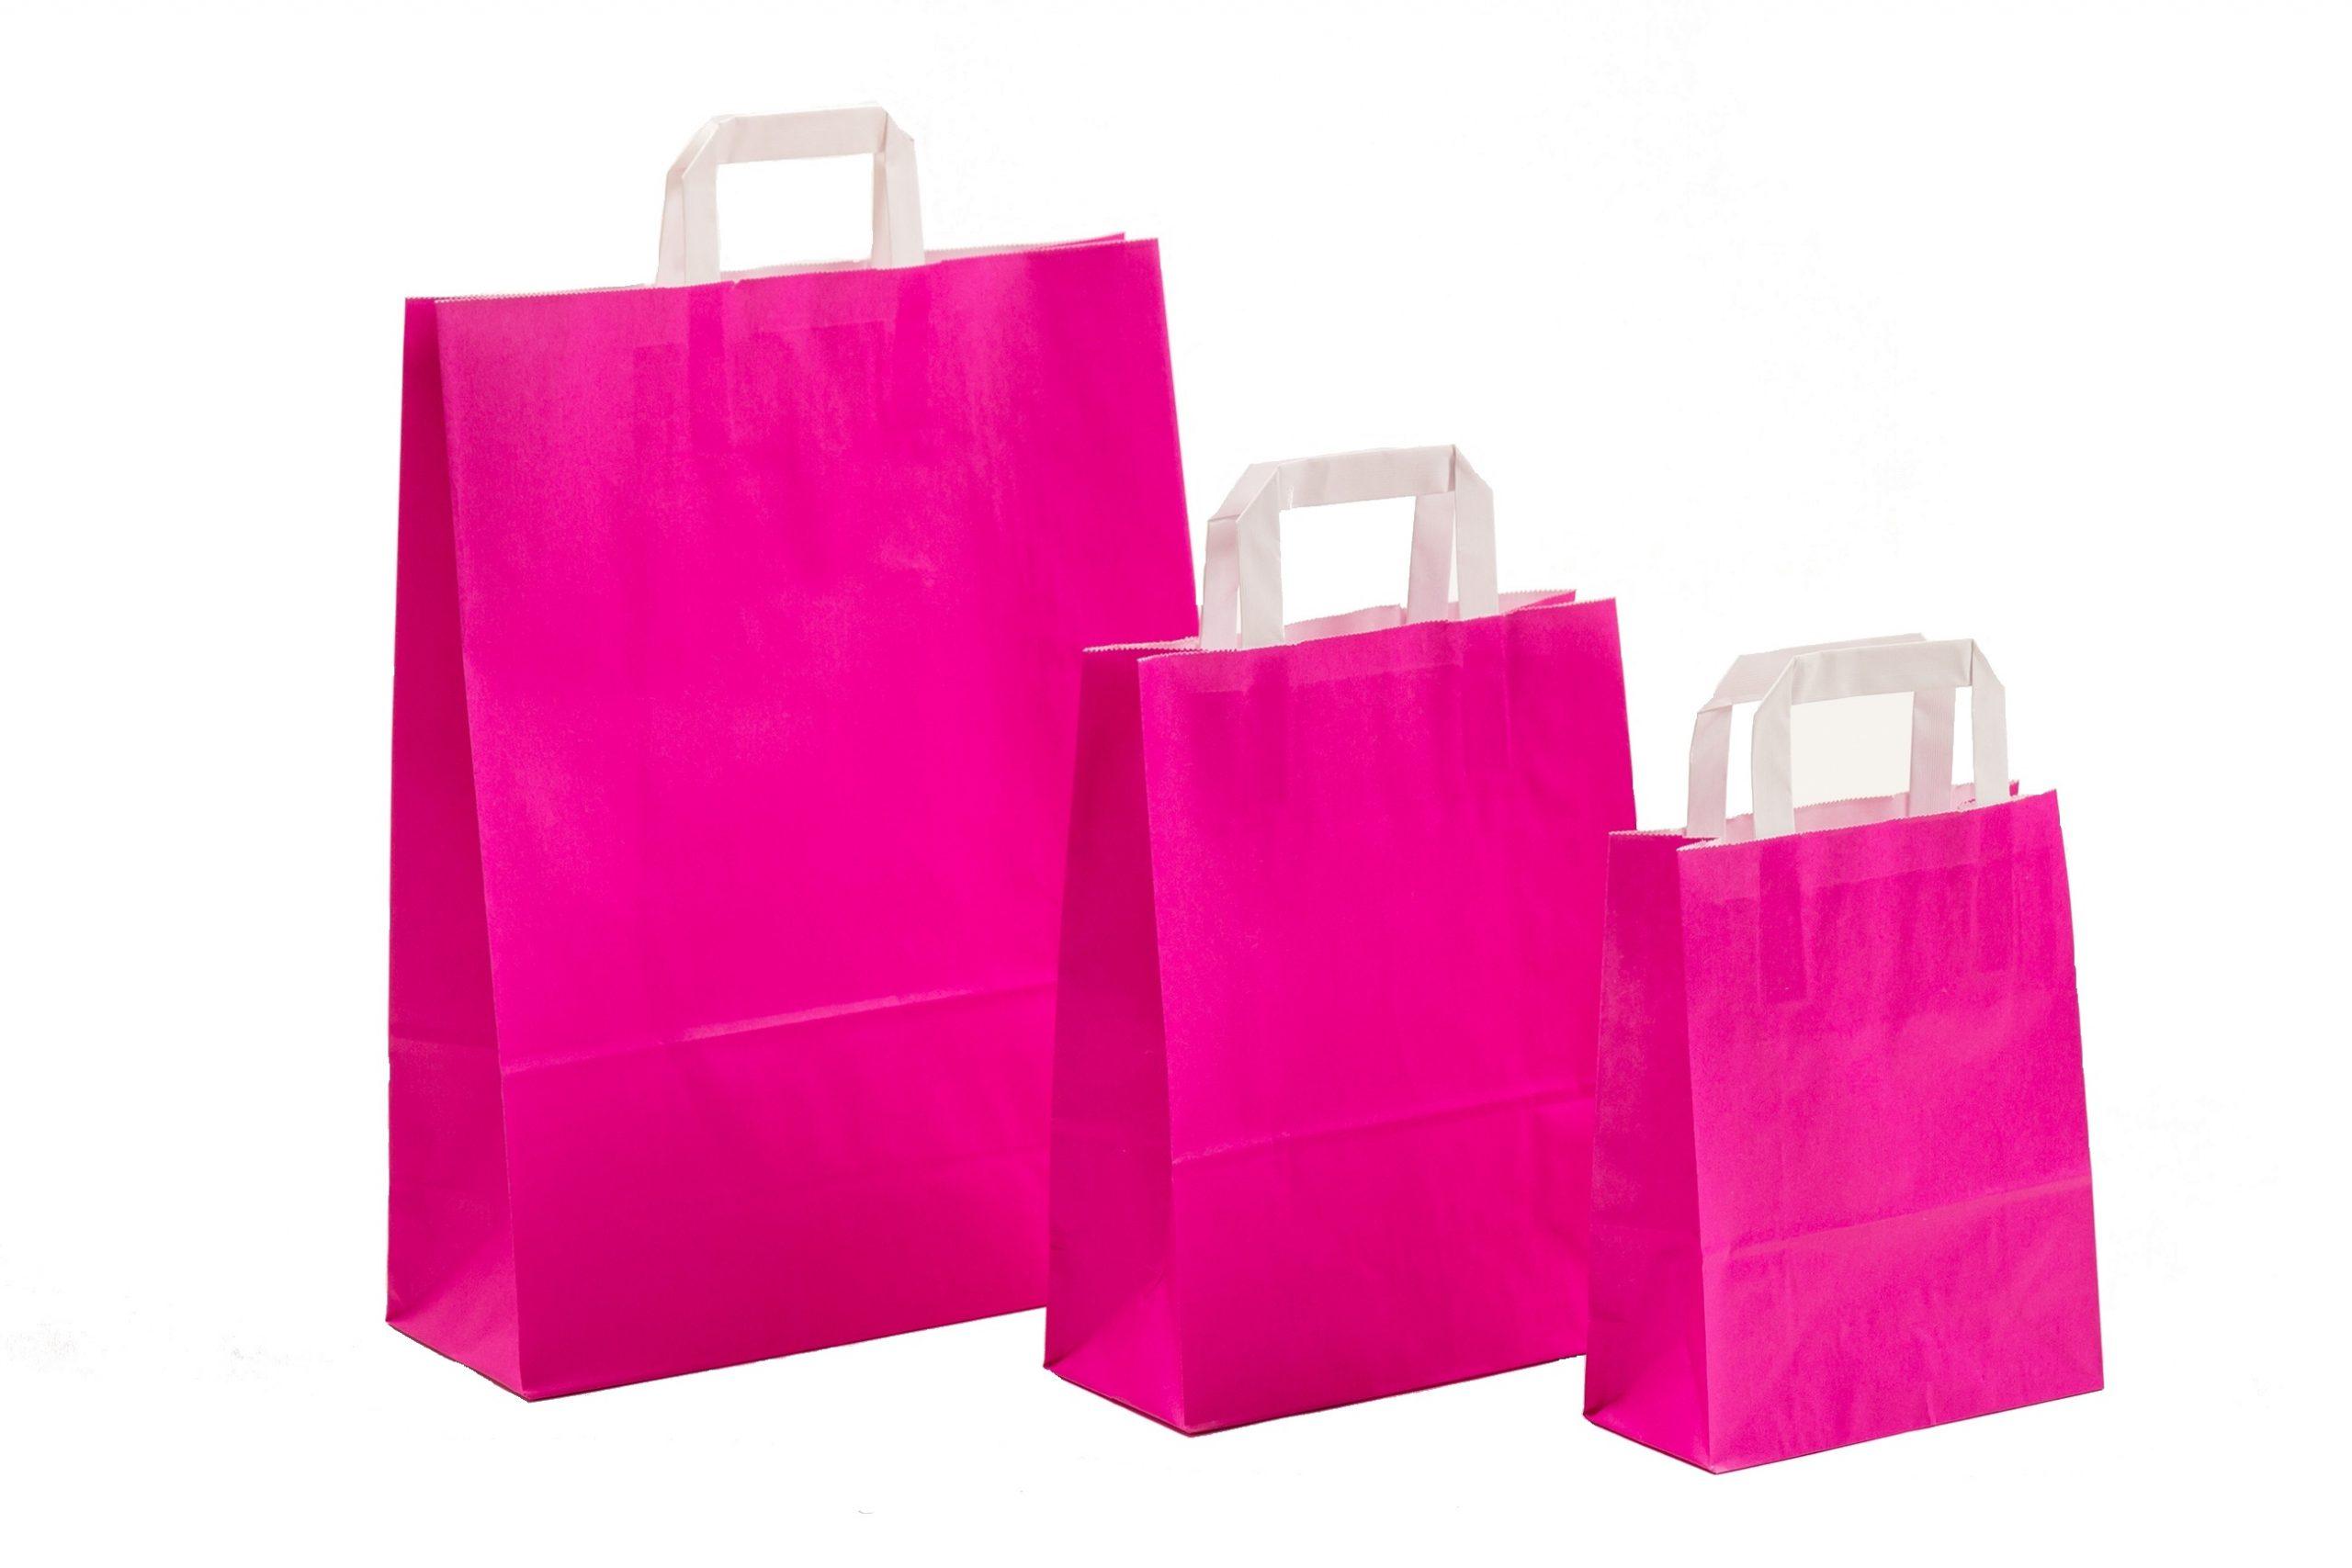 Papiertragetaschen UNI Pink mit Innenflachhenkel